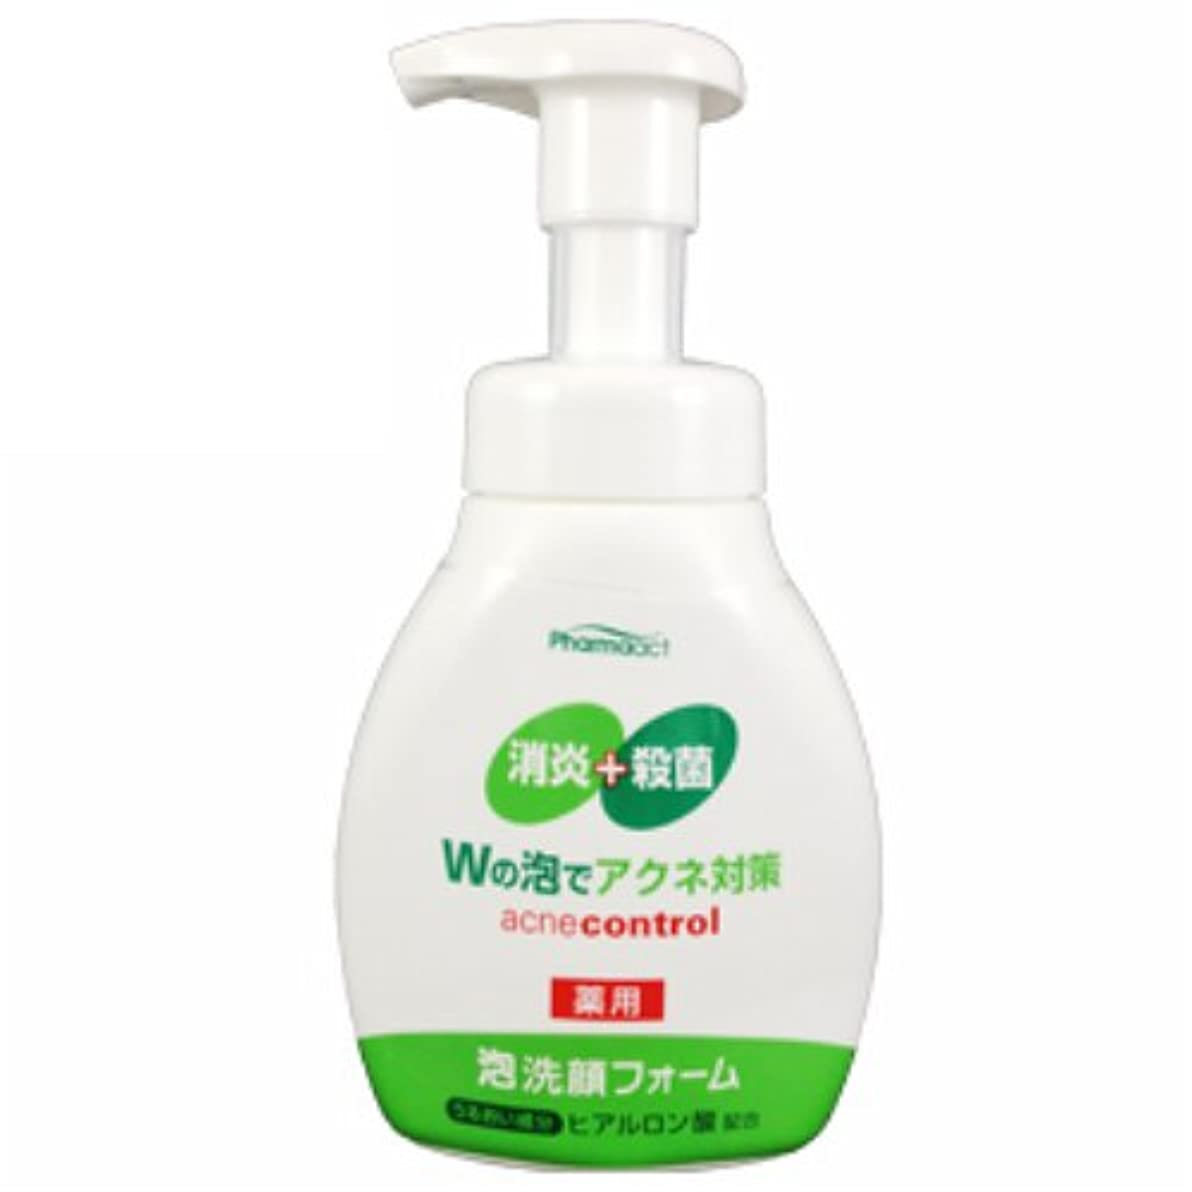 バター強盗取り付けファーマアクト アクネ対策 薬用 泡洗顔フォーム 180ml